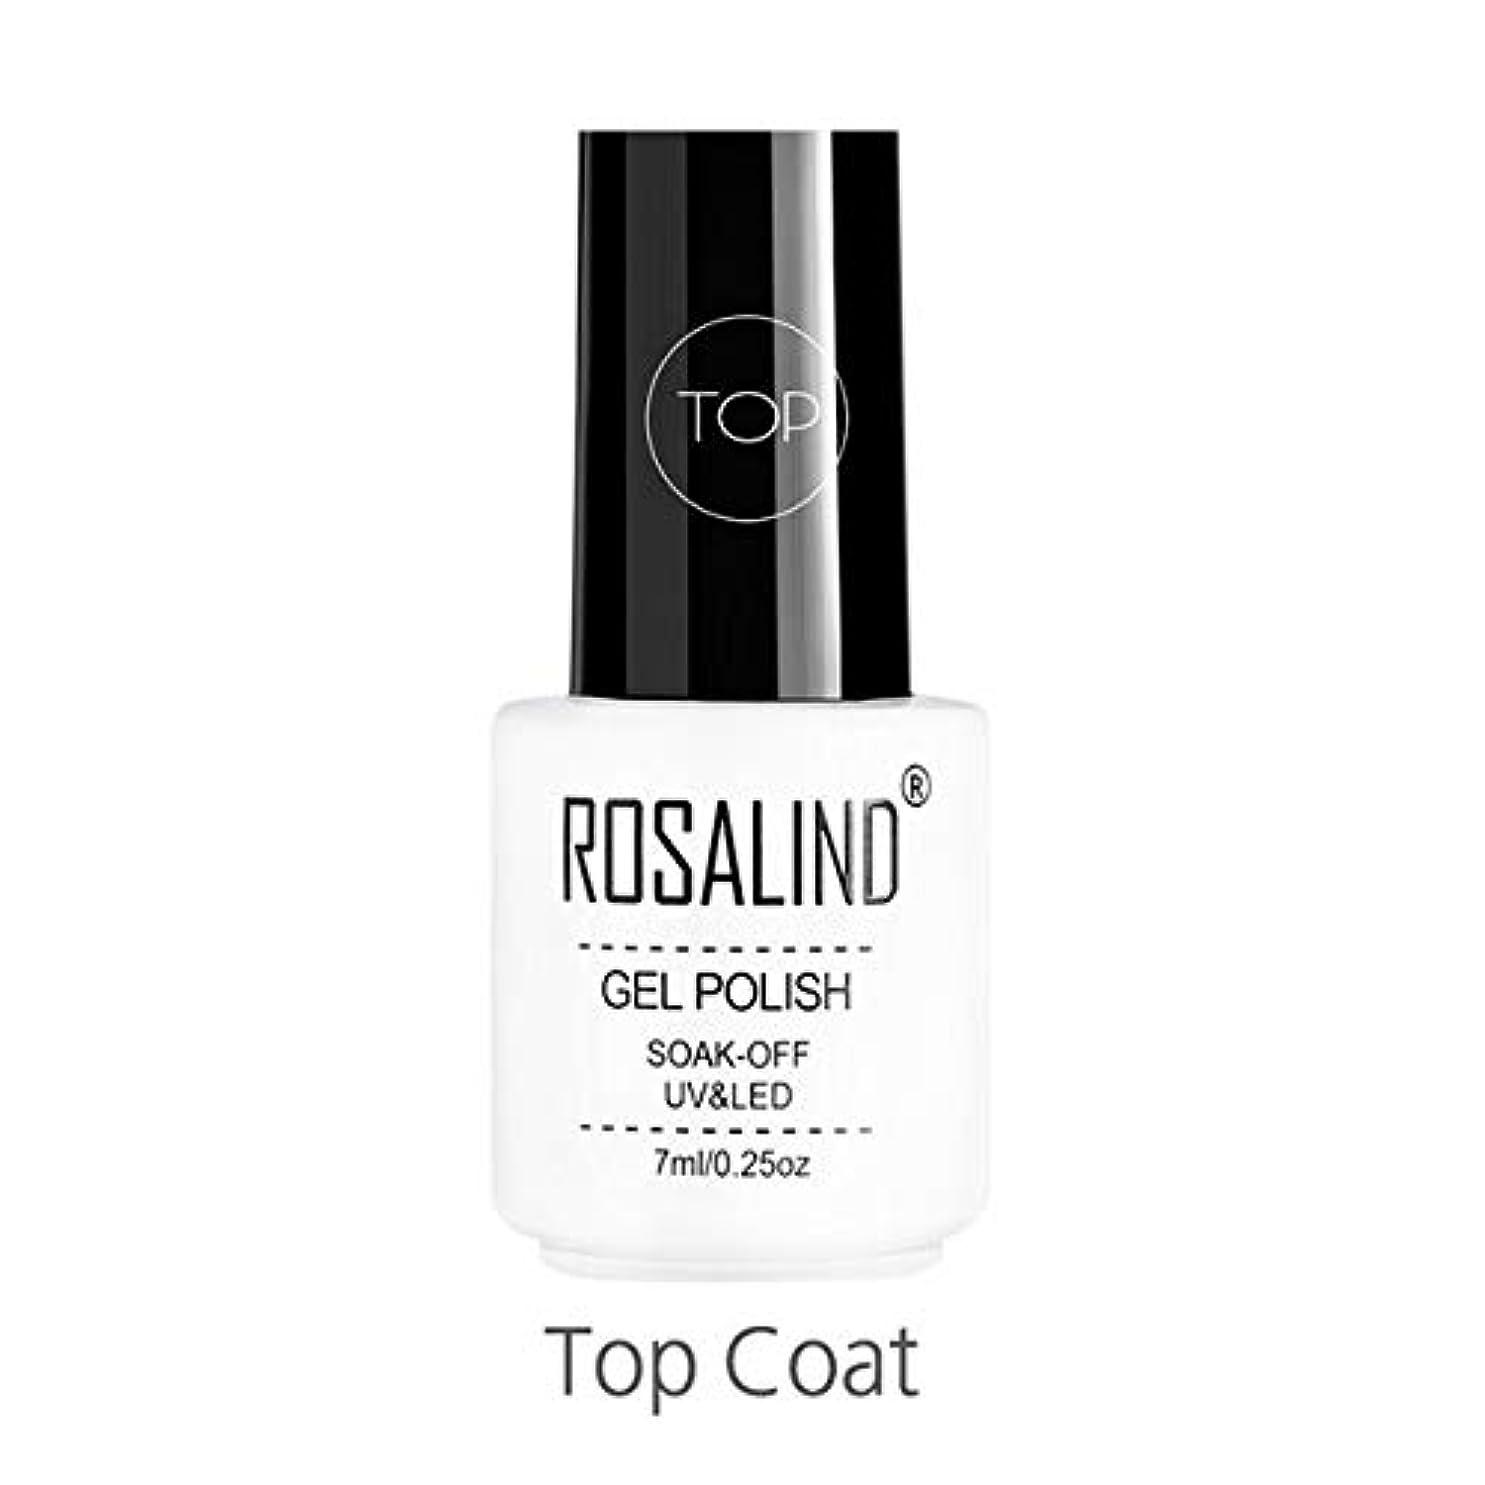 予測バイオレットダイエットファッションアイテム ROSALINDジェルポリッシュセットUV半永久プライマートップコートポリジェルニスネイルアートマニキュアジェル、容量:7mlトップネイルグルー 環境に優しいマニキュア